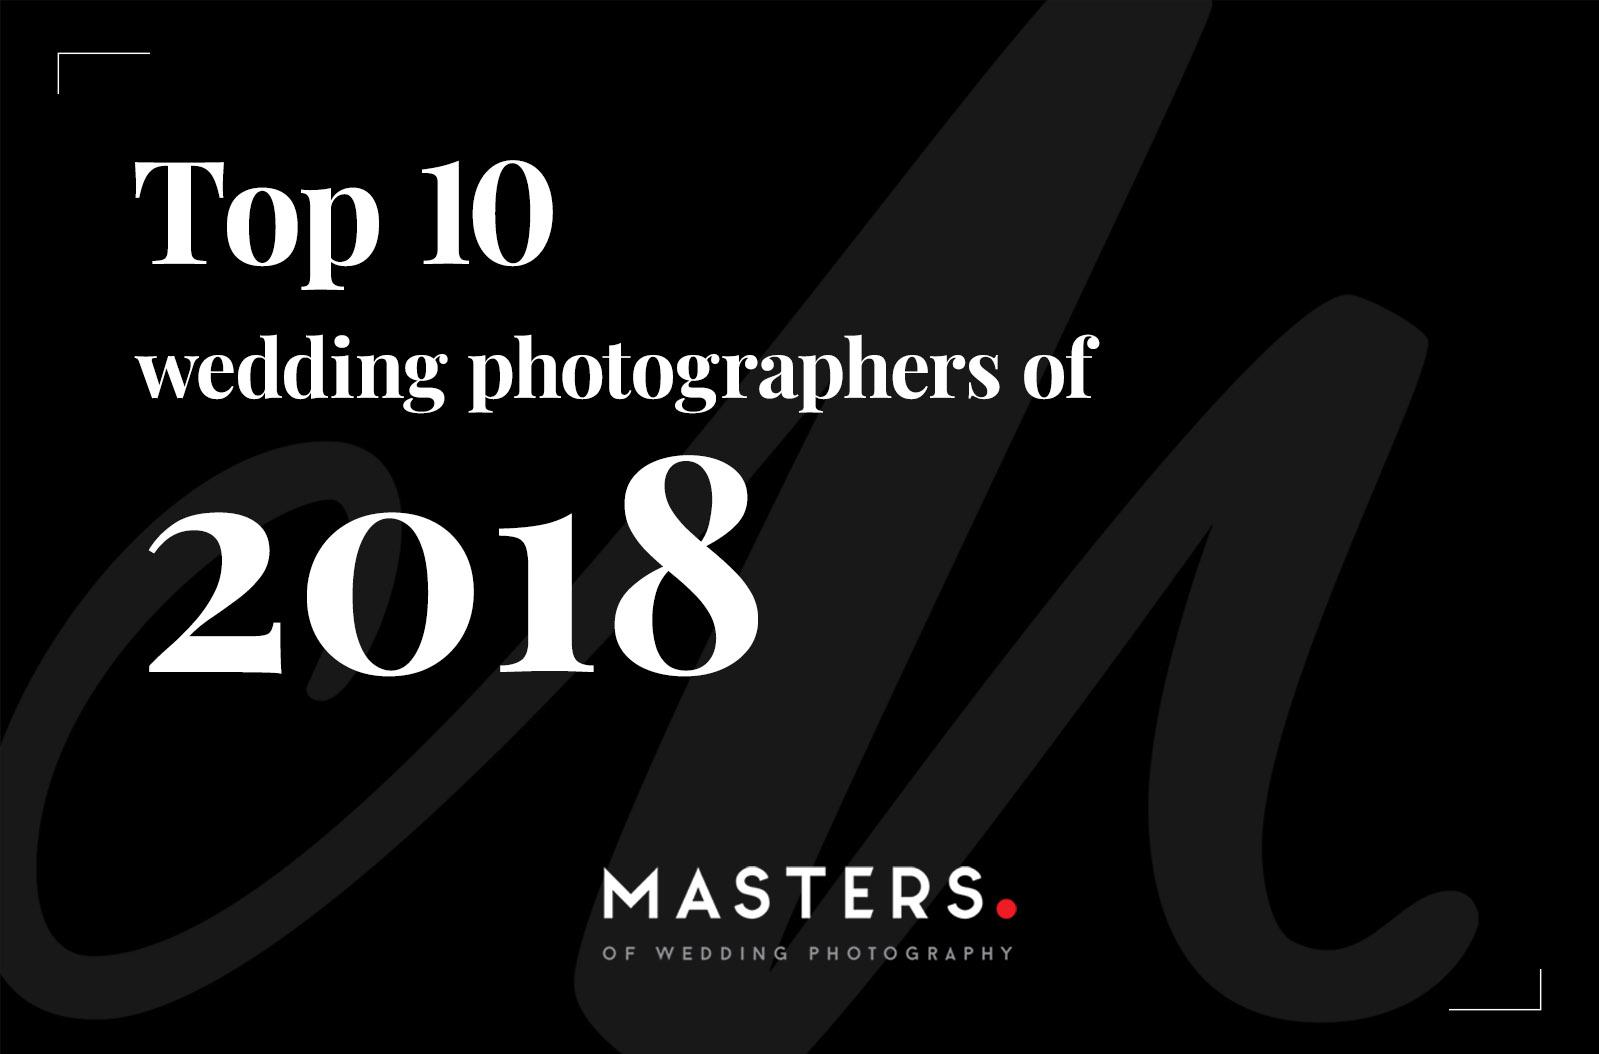 Top 10 Hochzeitsfotografen des Jahres 2018